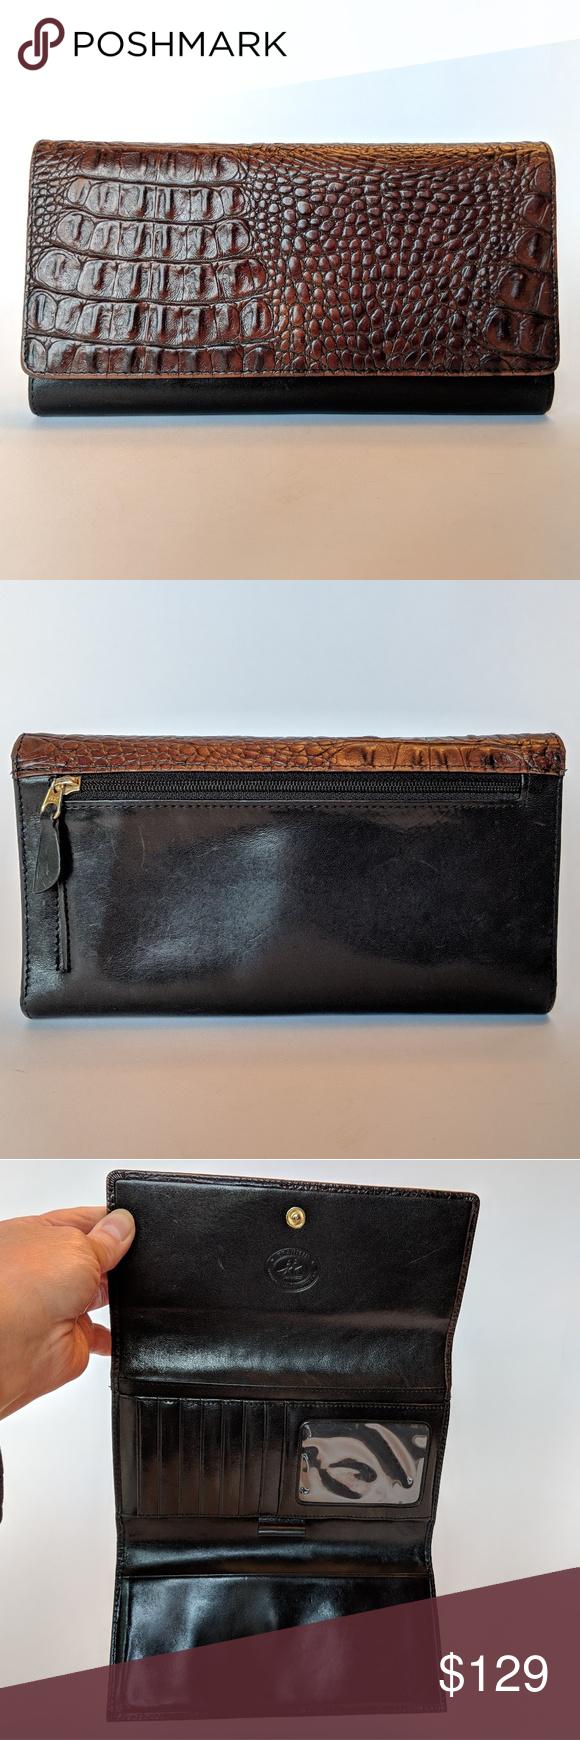 Vintage Brahmin Pecan Croc Embossed Wallet Euc Black Leather Wallet Leather Wallet Brahmin Bags